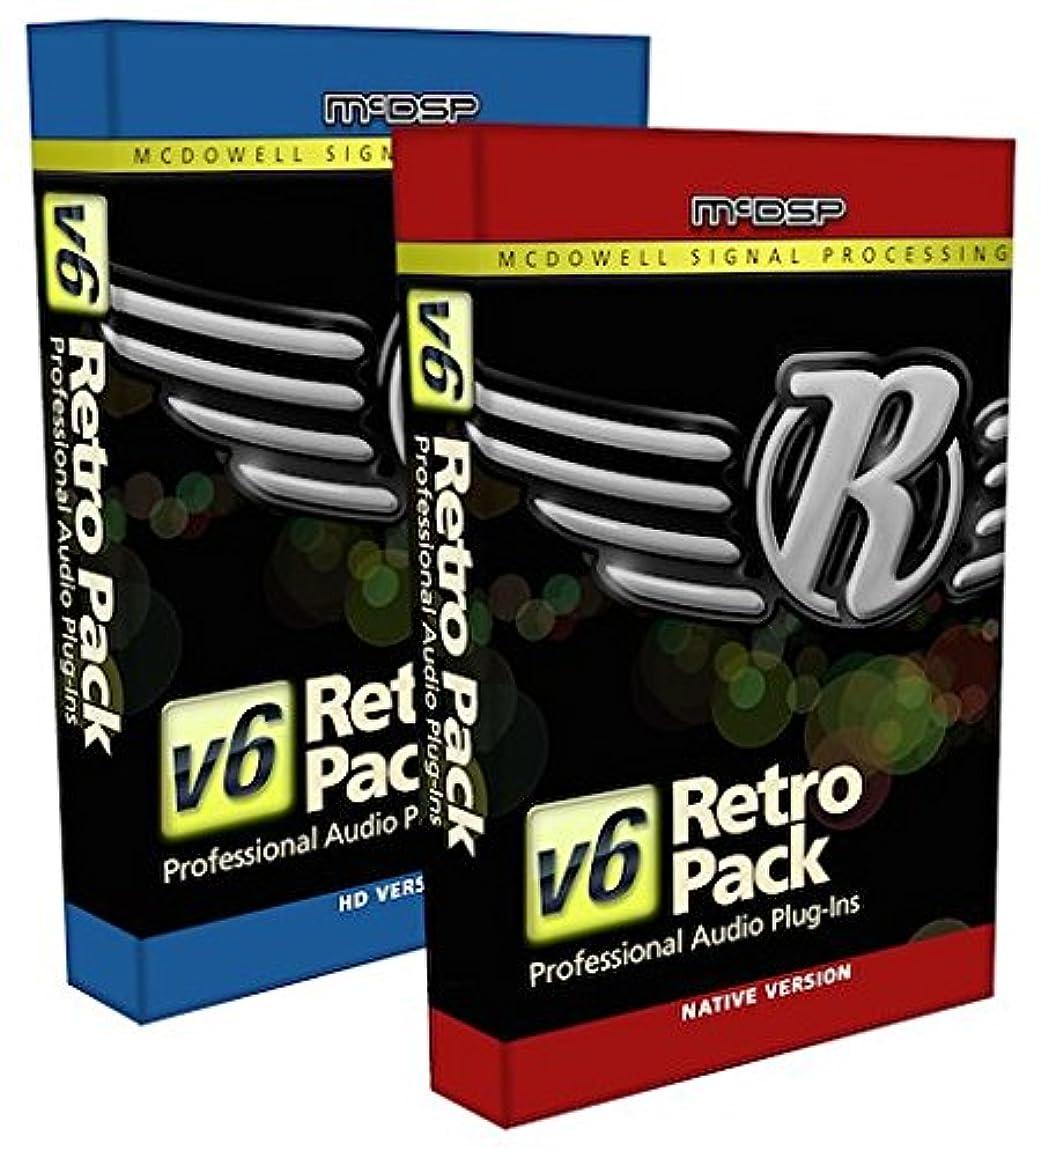 困惑した法医学支店【国内正規品】McDSP Retro Pack Native (3 Plug-in Bundle)